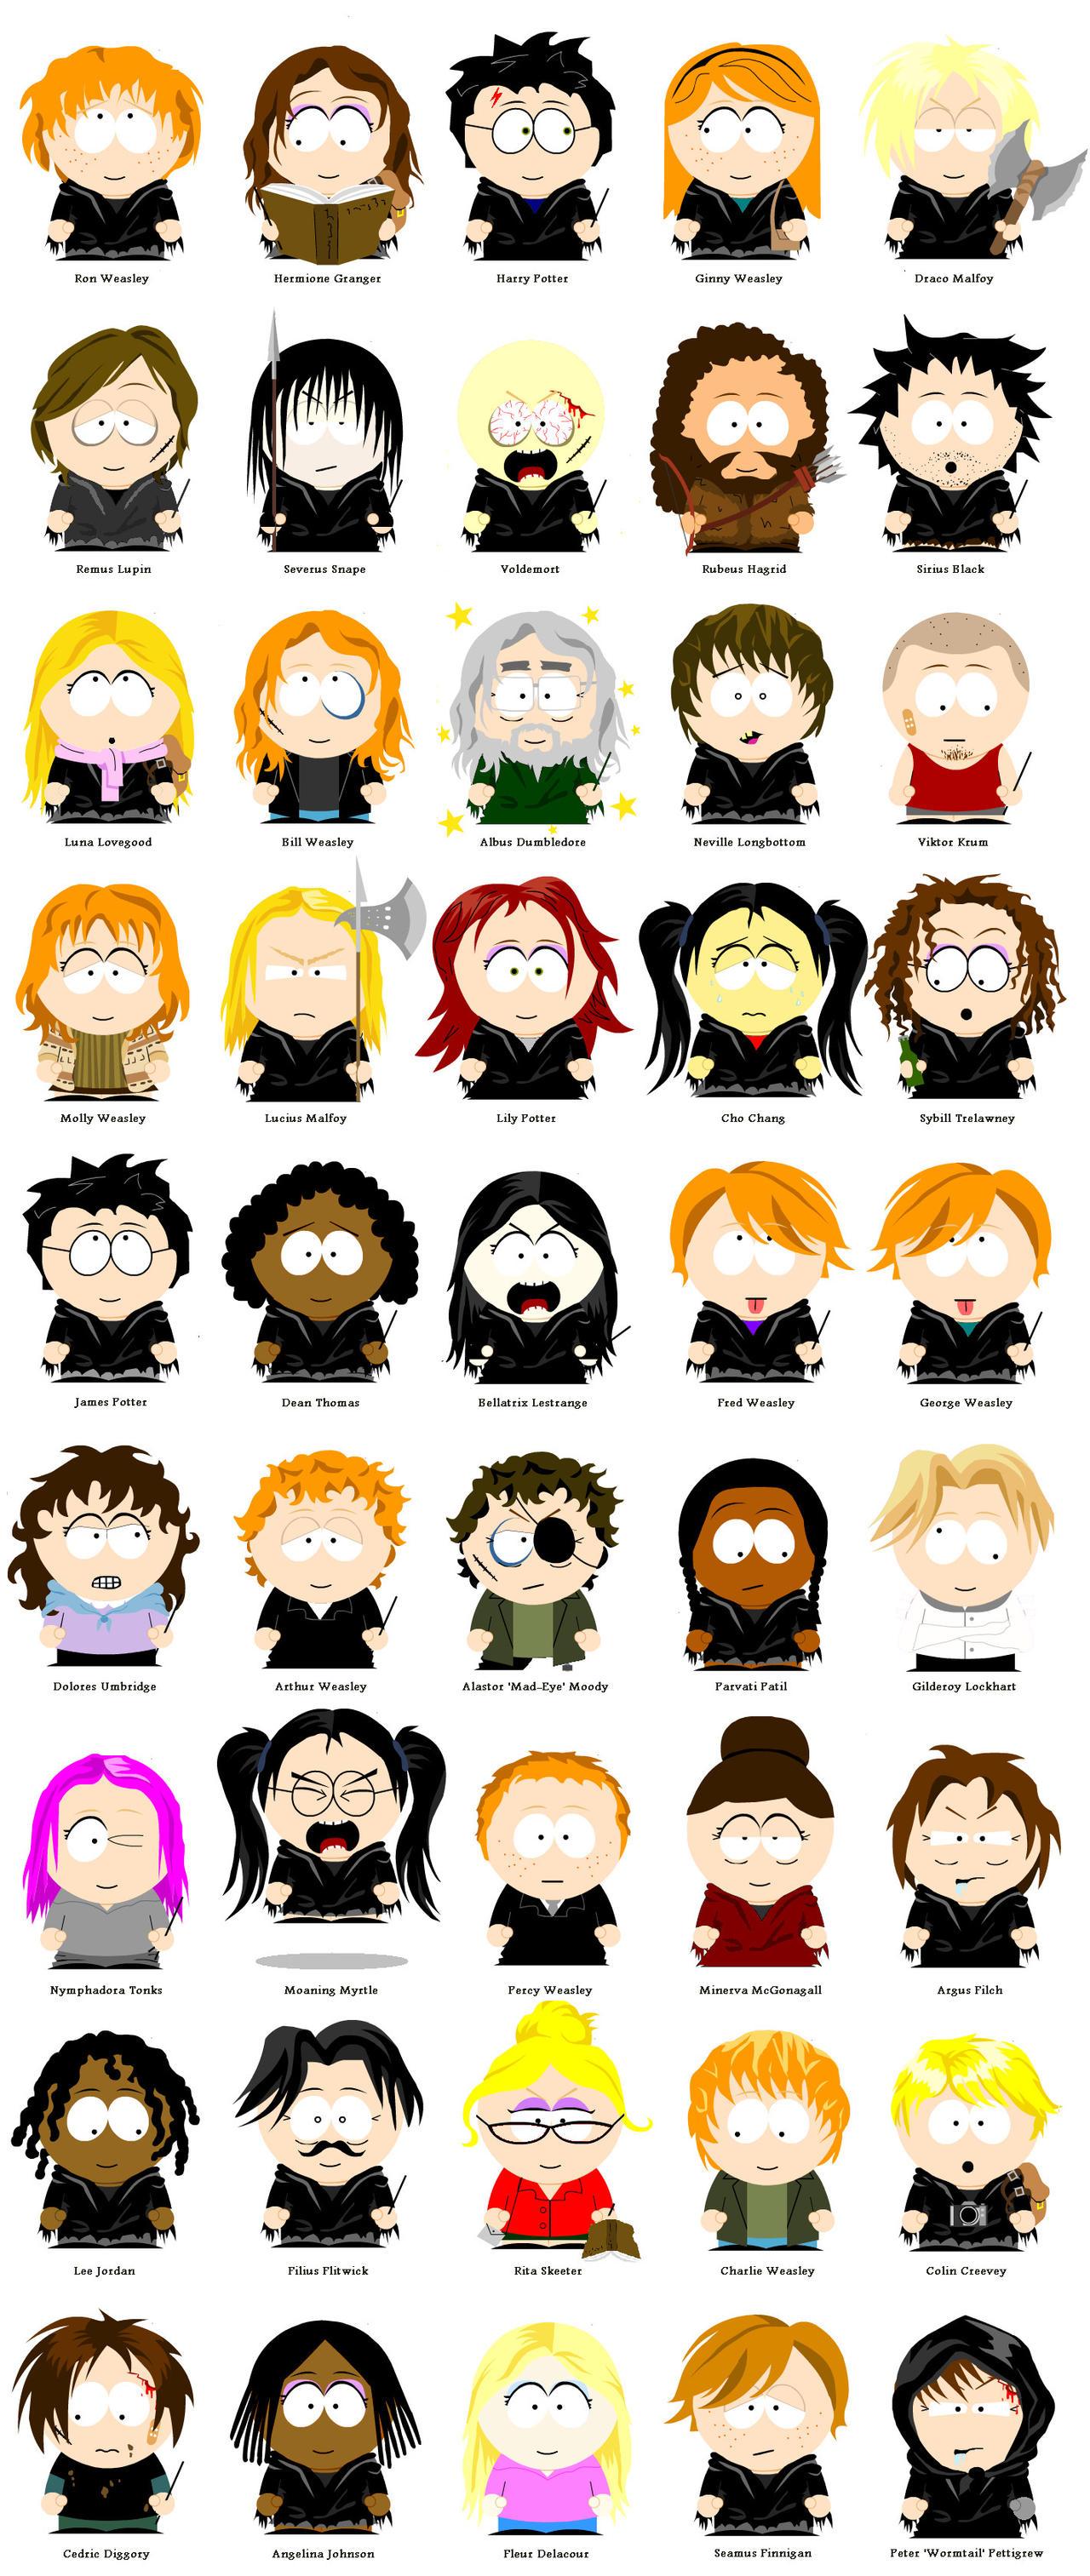 Harry Potter - South Park by Sam-x-Frank